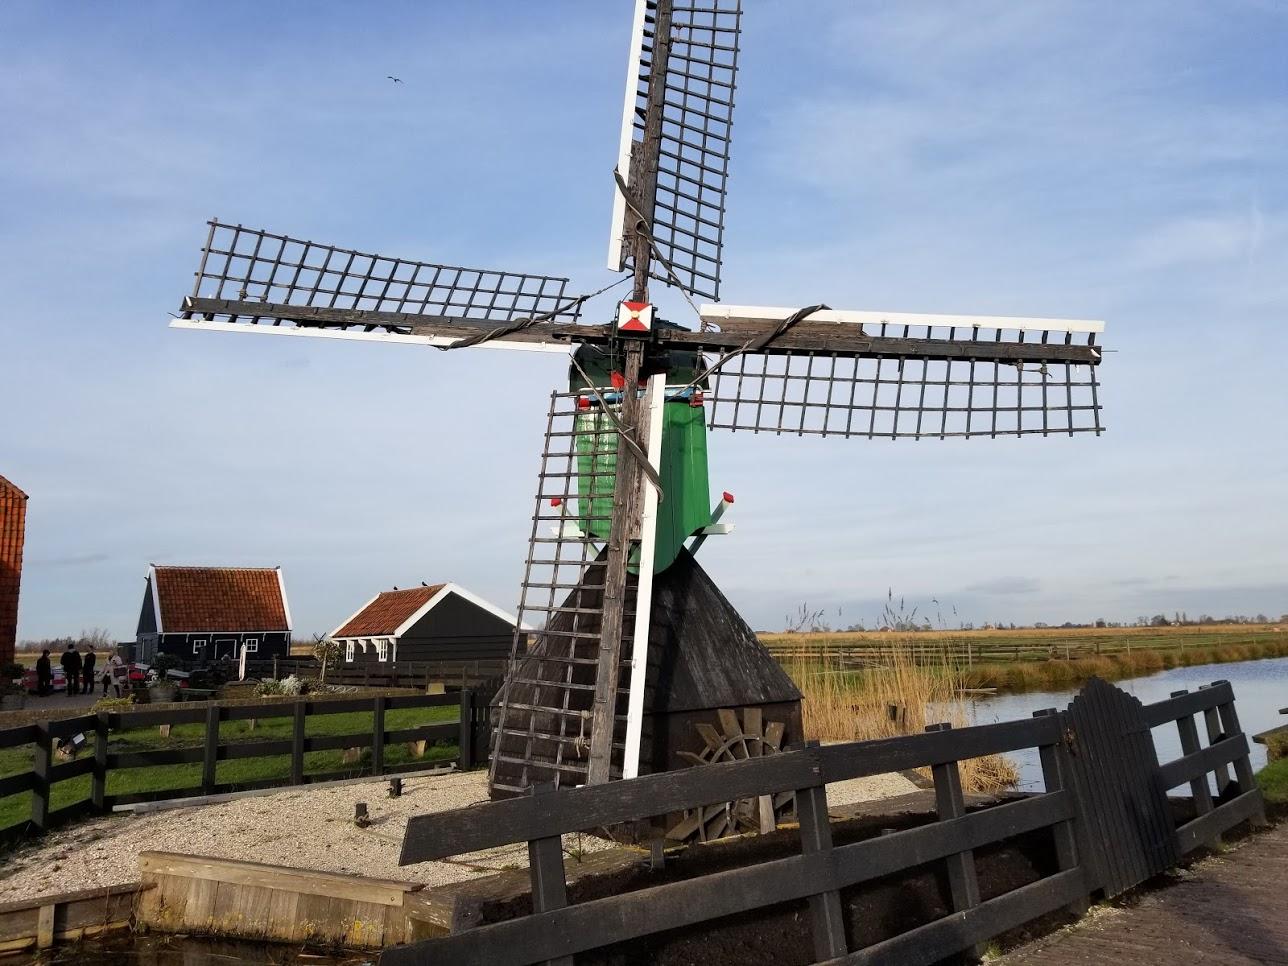 my-first-time-visiting-zaanse-schans-zaandam-netherlands